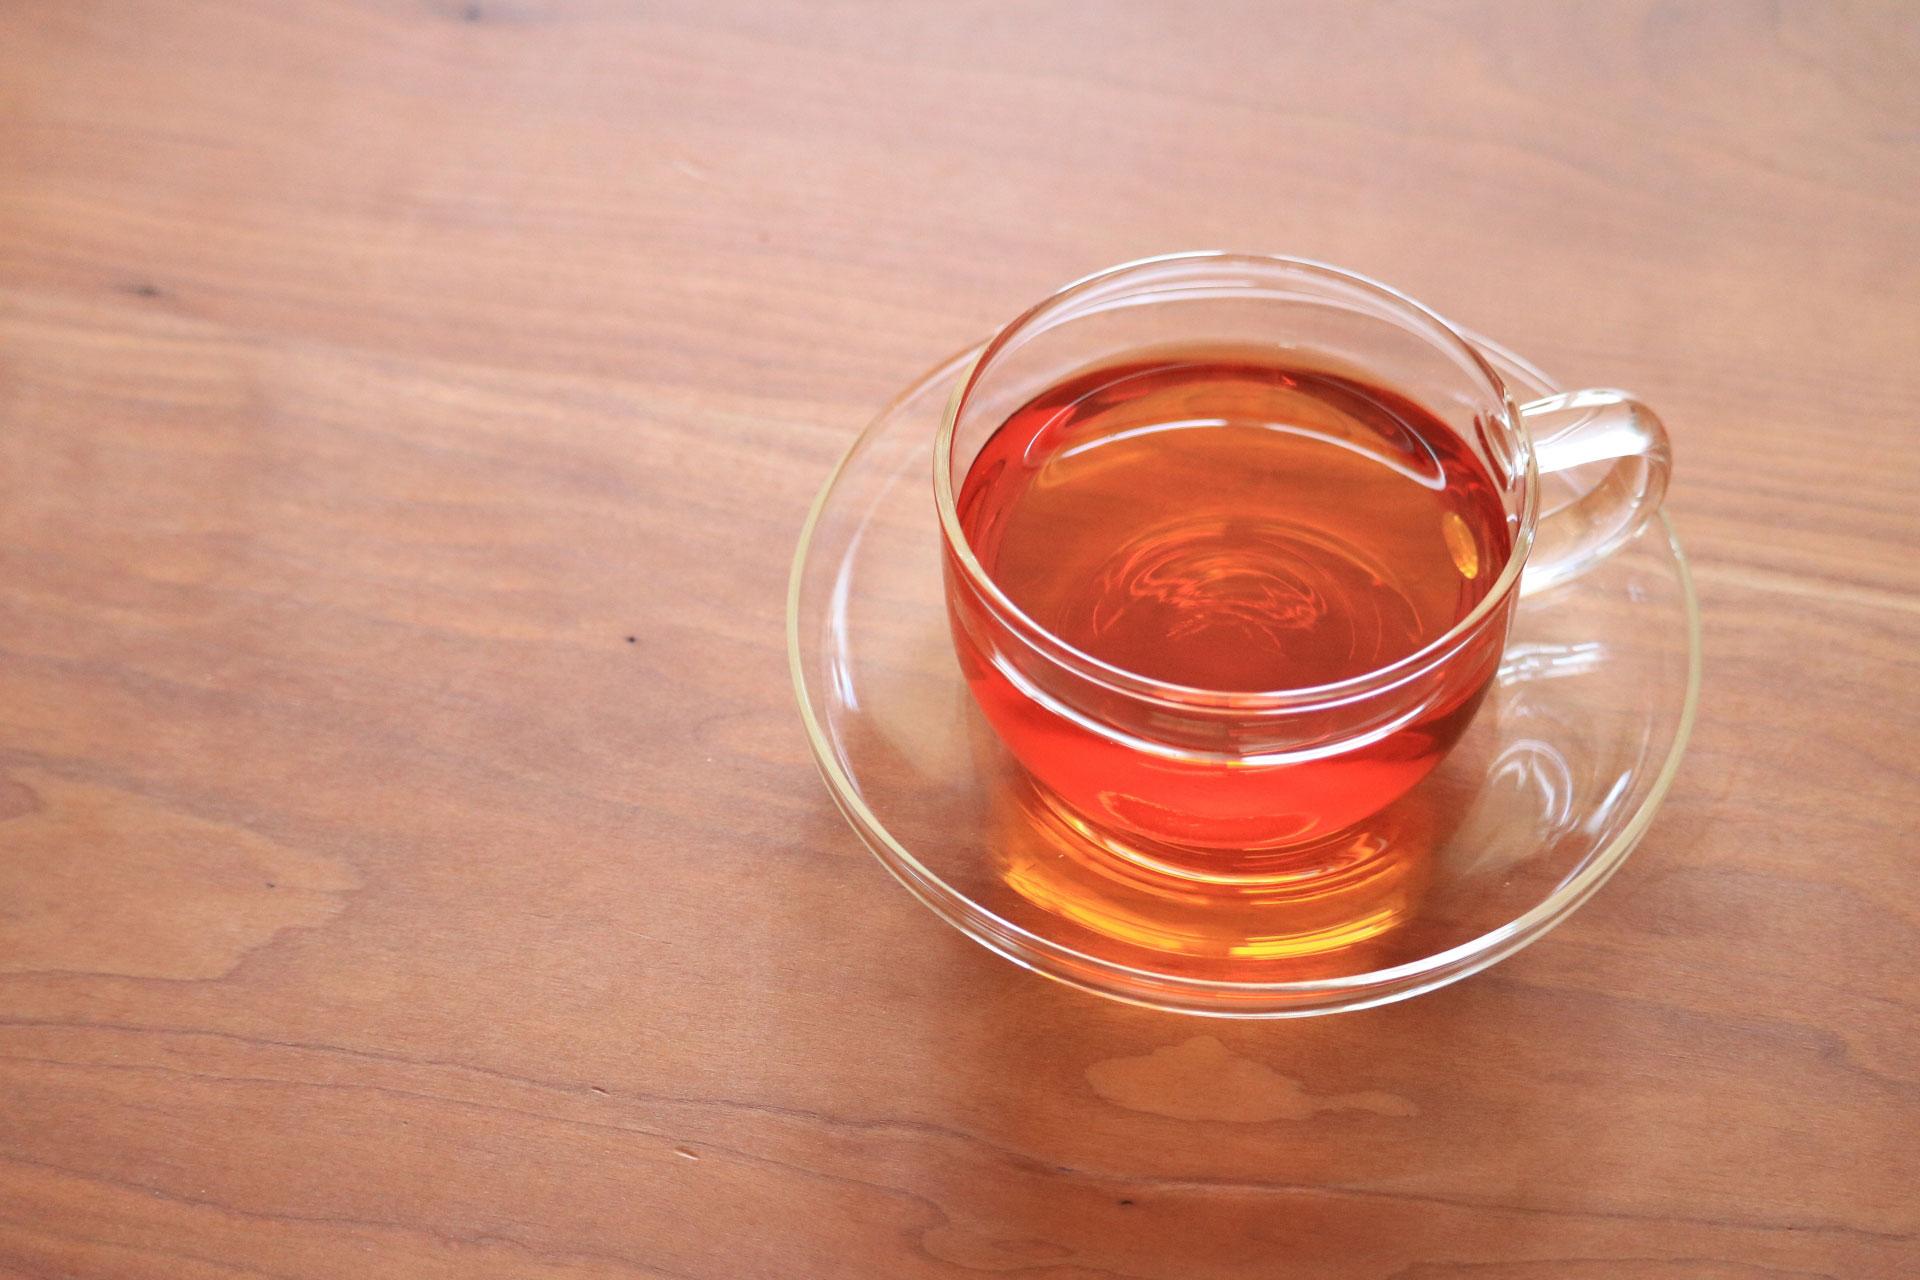 苦しい便秘から卒業したい!便秘を解消する9種類のお茶の秘密を徹底解説。ルイボスティー